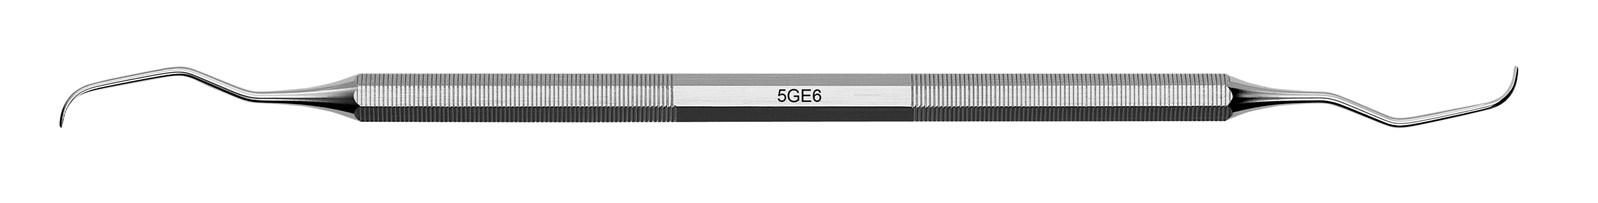 Kyreta Gracey Classic - 5GE6, ADEP silikonový návlek žlutý